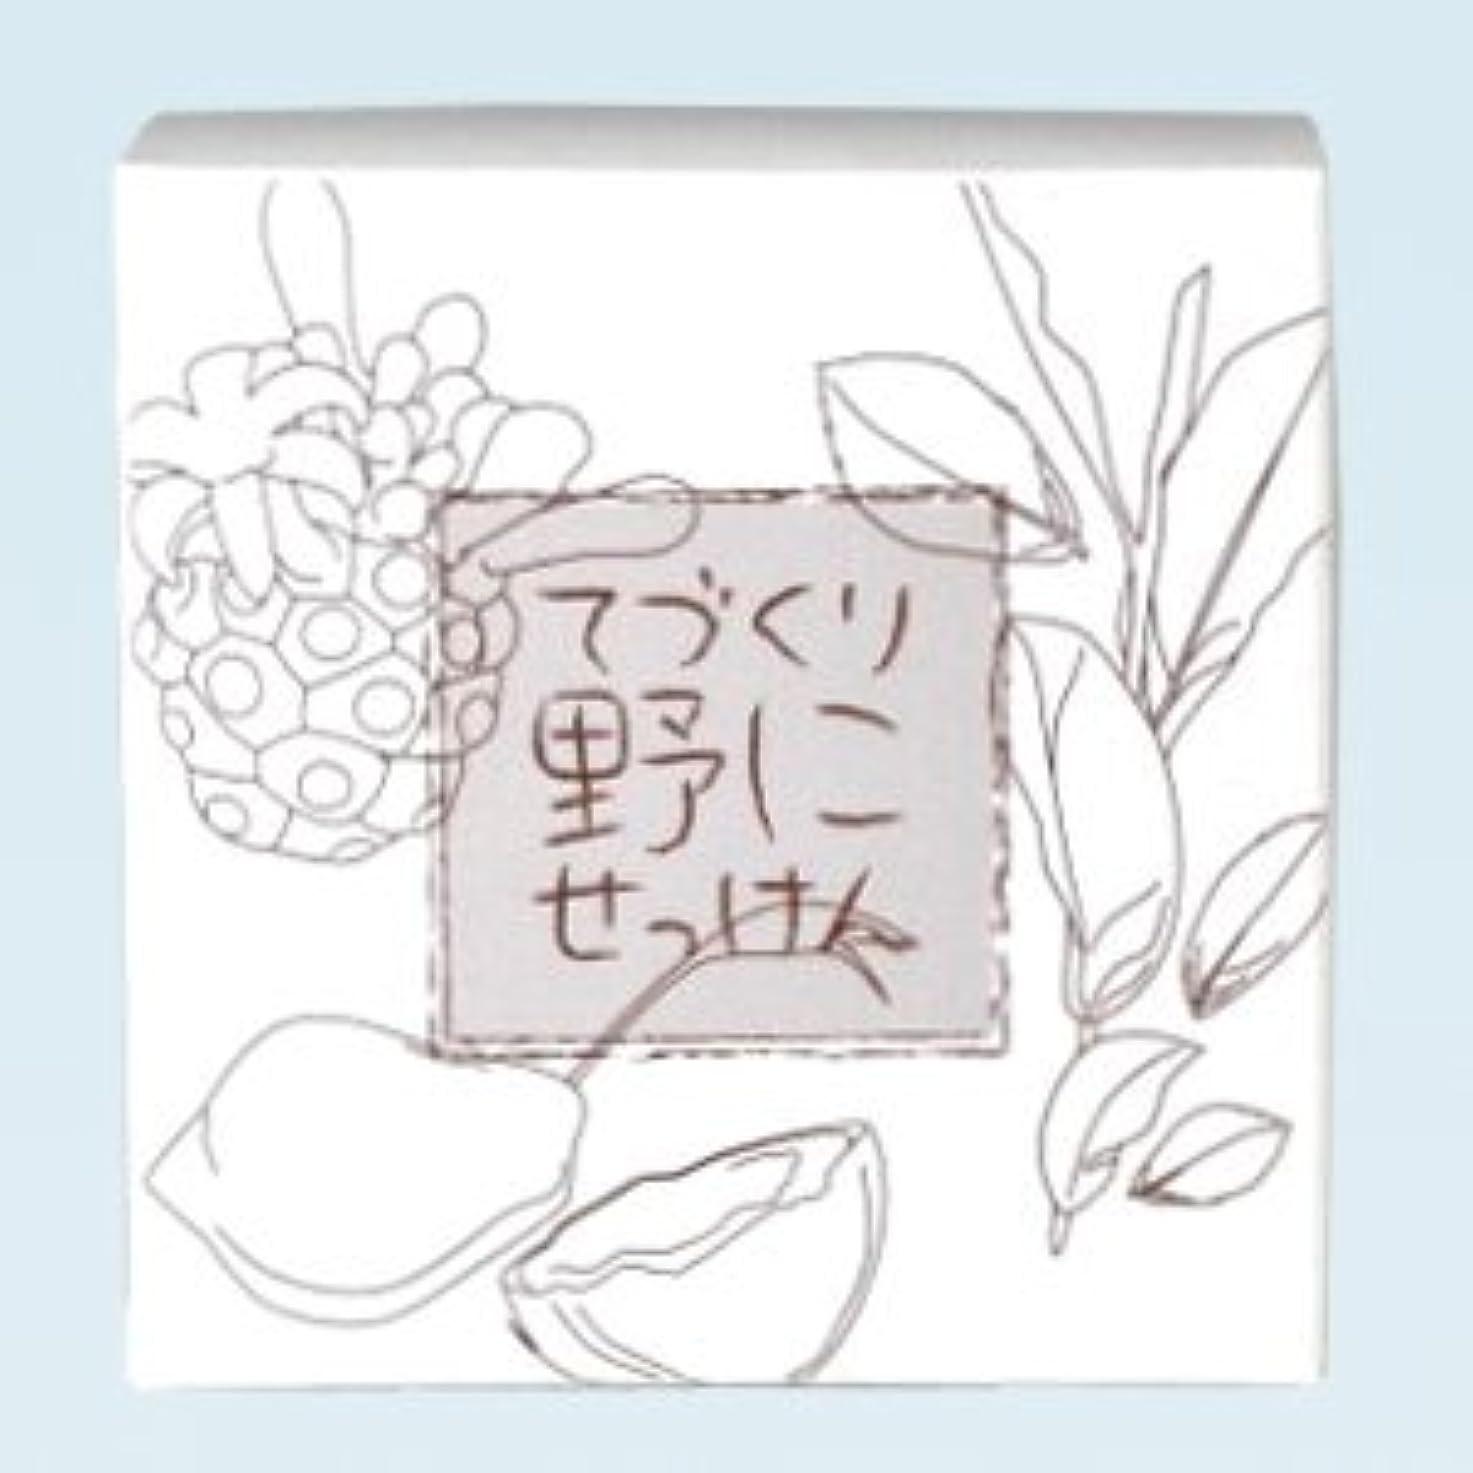 カートン最適魅力緑茶ノニ石鹸 てづくり野にせっけん(115g)